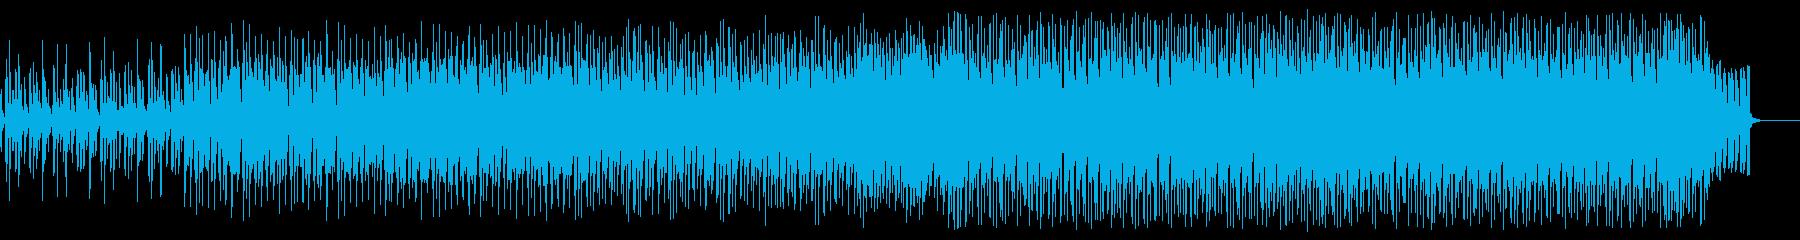 メロディアスなシンセフレーズのハウス曲の再生済みの波形